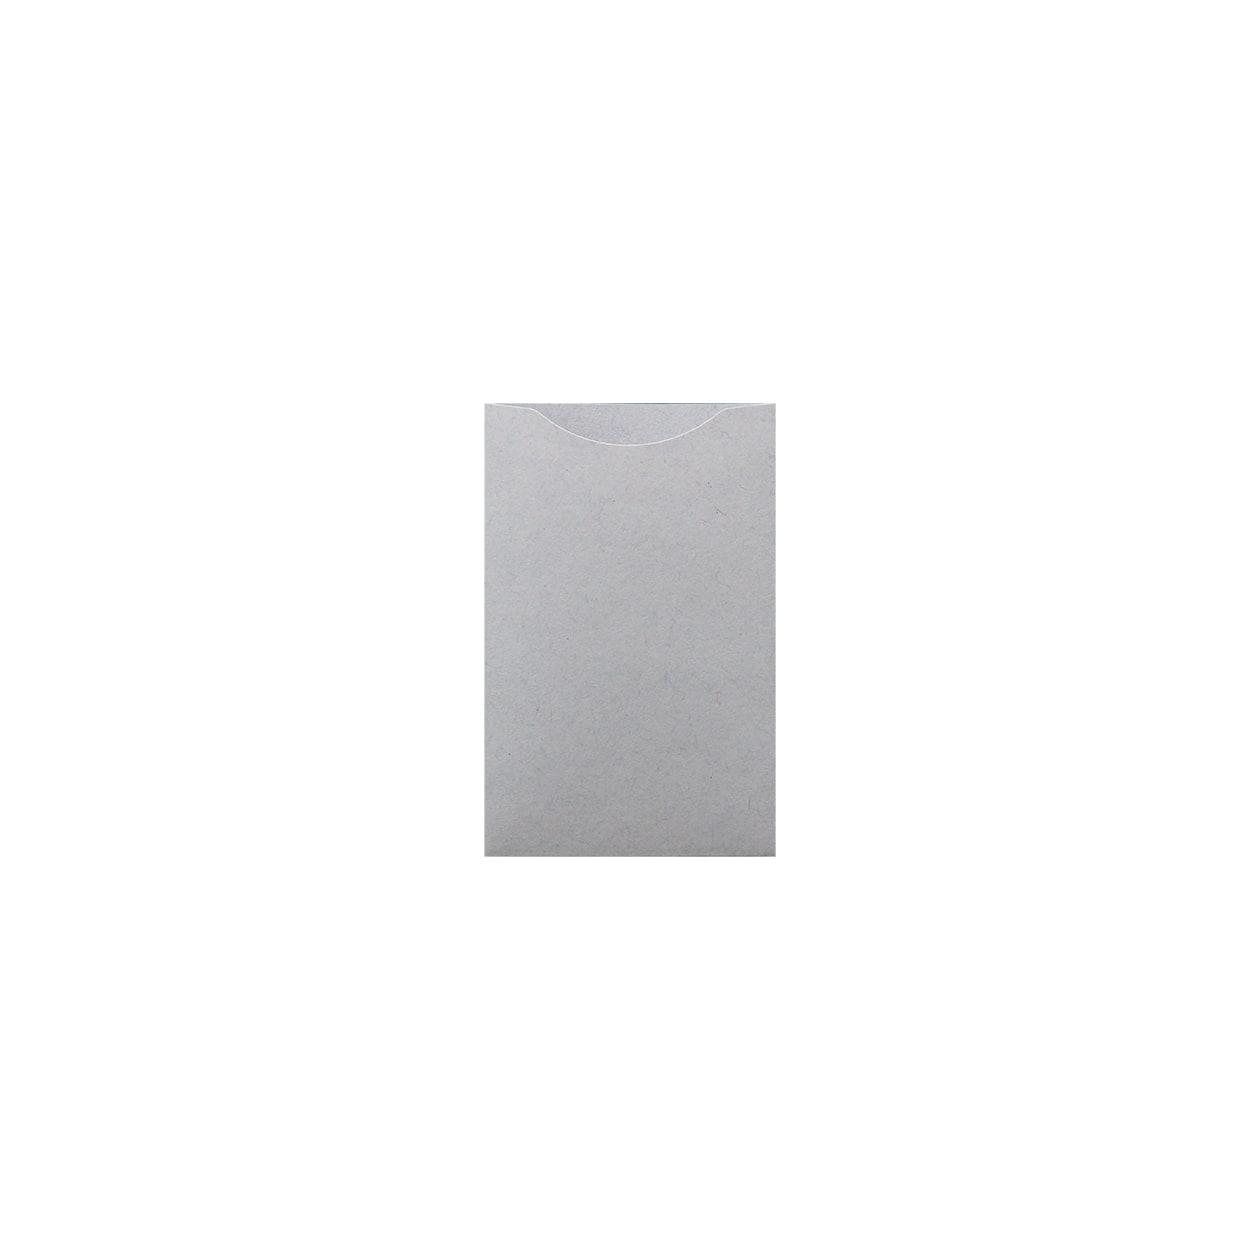 カードケース HAGURUMA Basic ライナーグレイ 100g